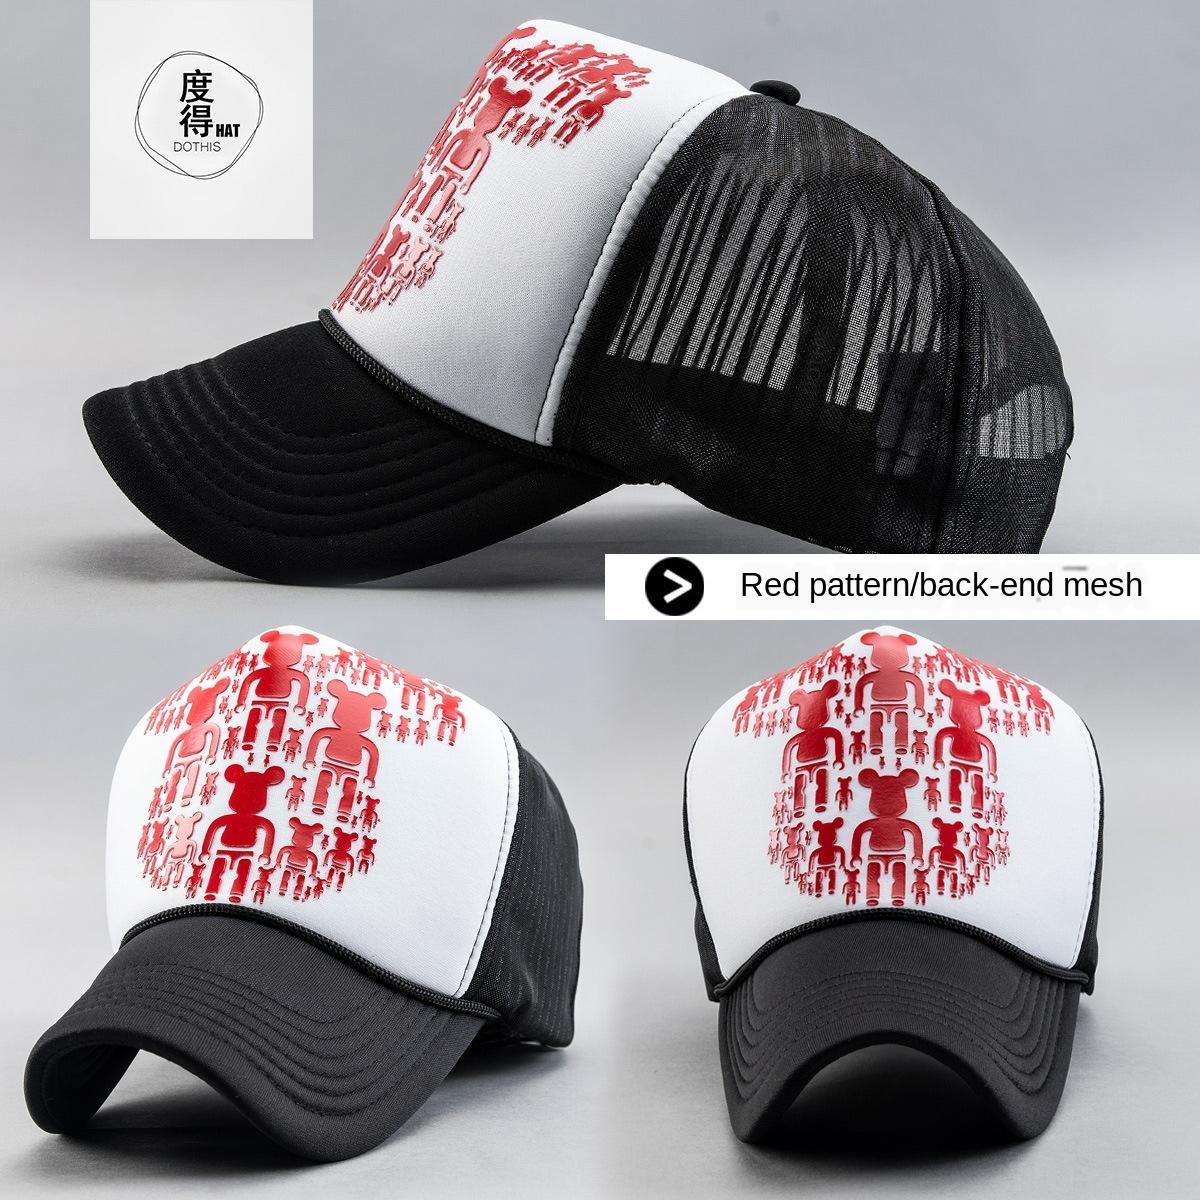 moda unissex tampão do camionista de altura coroa malha visor de beisebol boné de beisebol chapéu de sol chapéu de sol